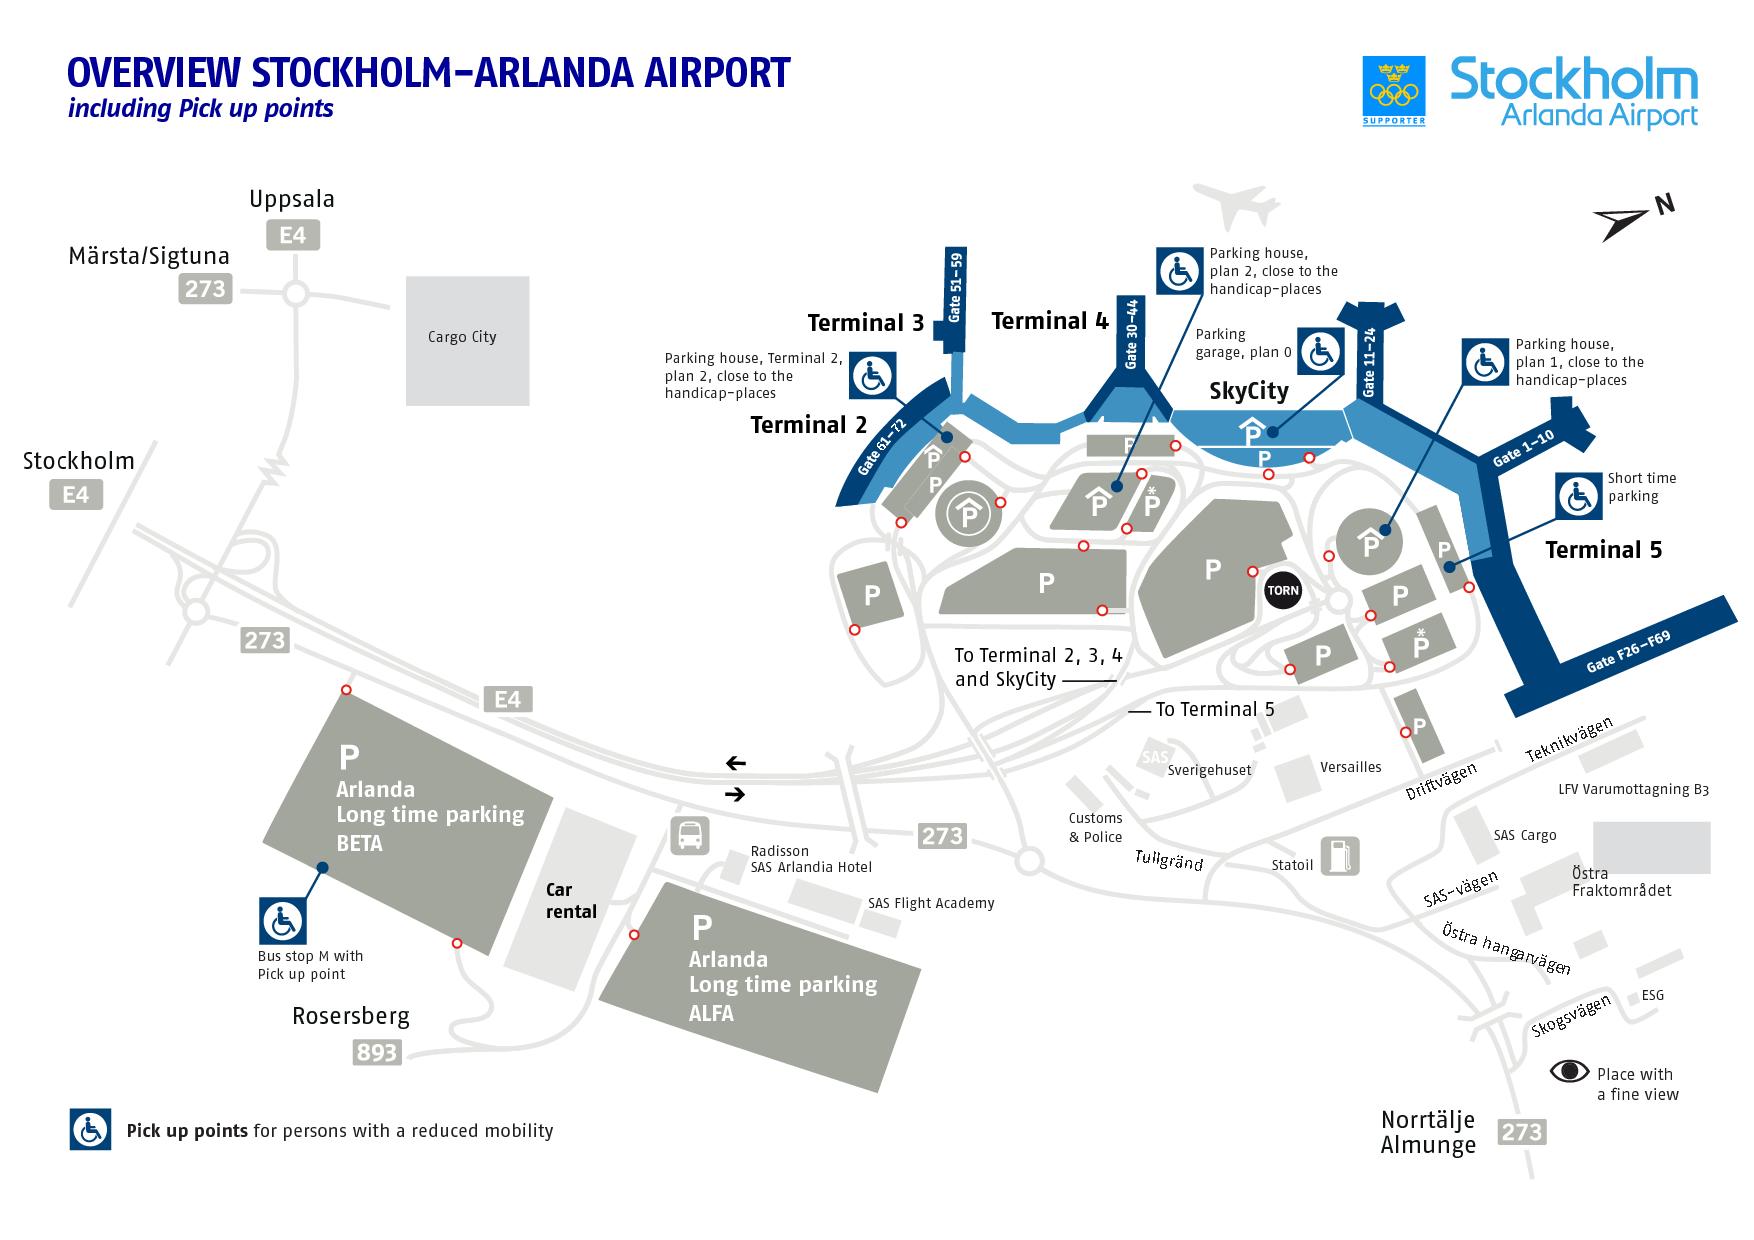 Схема аэропорта Арланда в Стокгольме